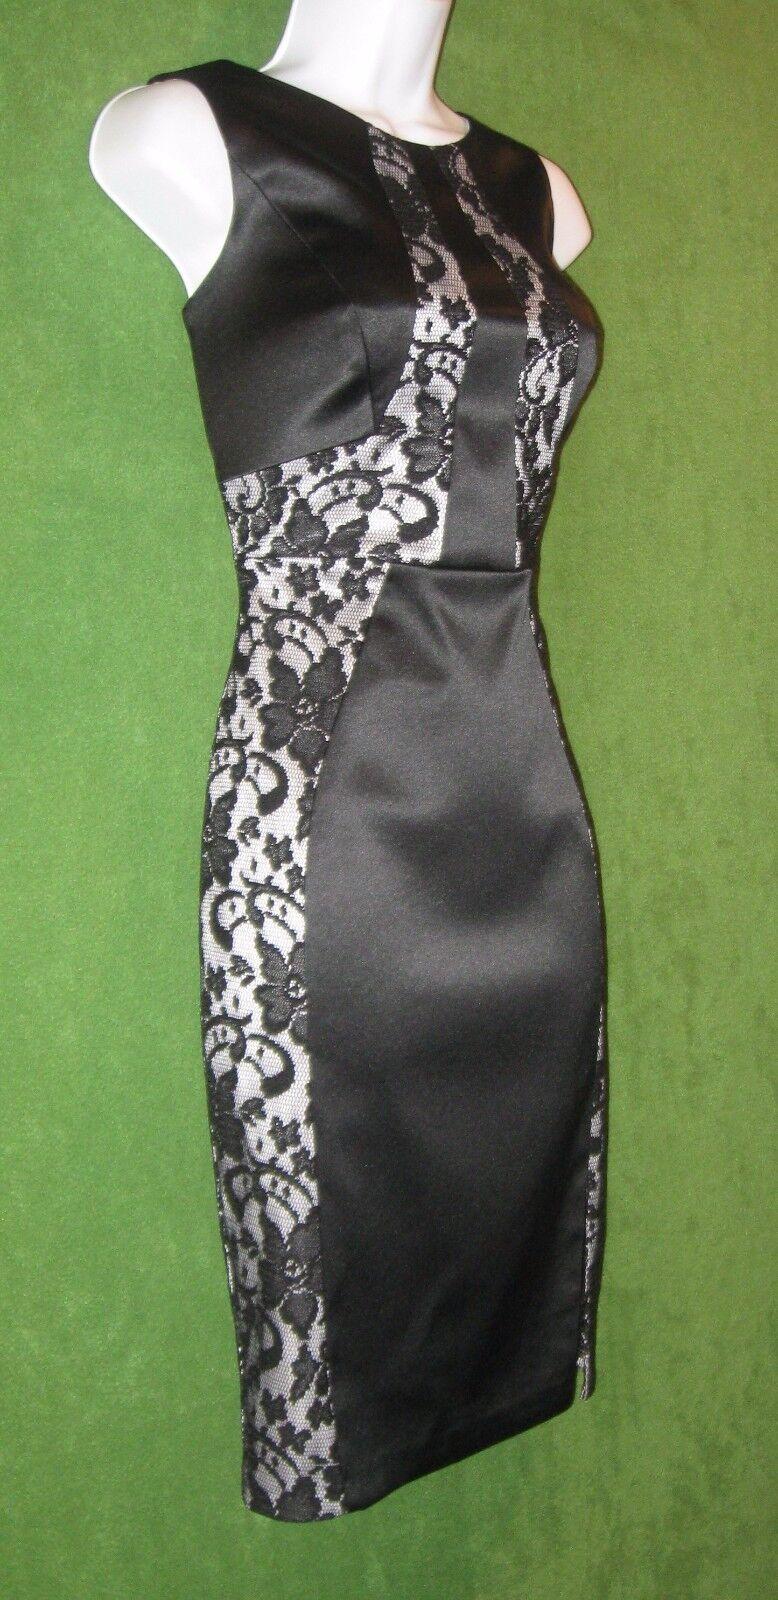 JAX schwarz Weiß Stretch Satin Lace Sheath Cocktail Social Dress 6